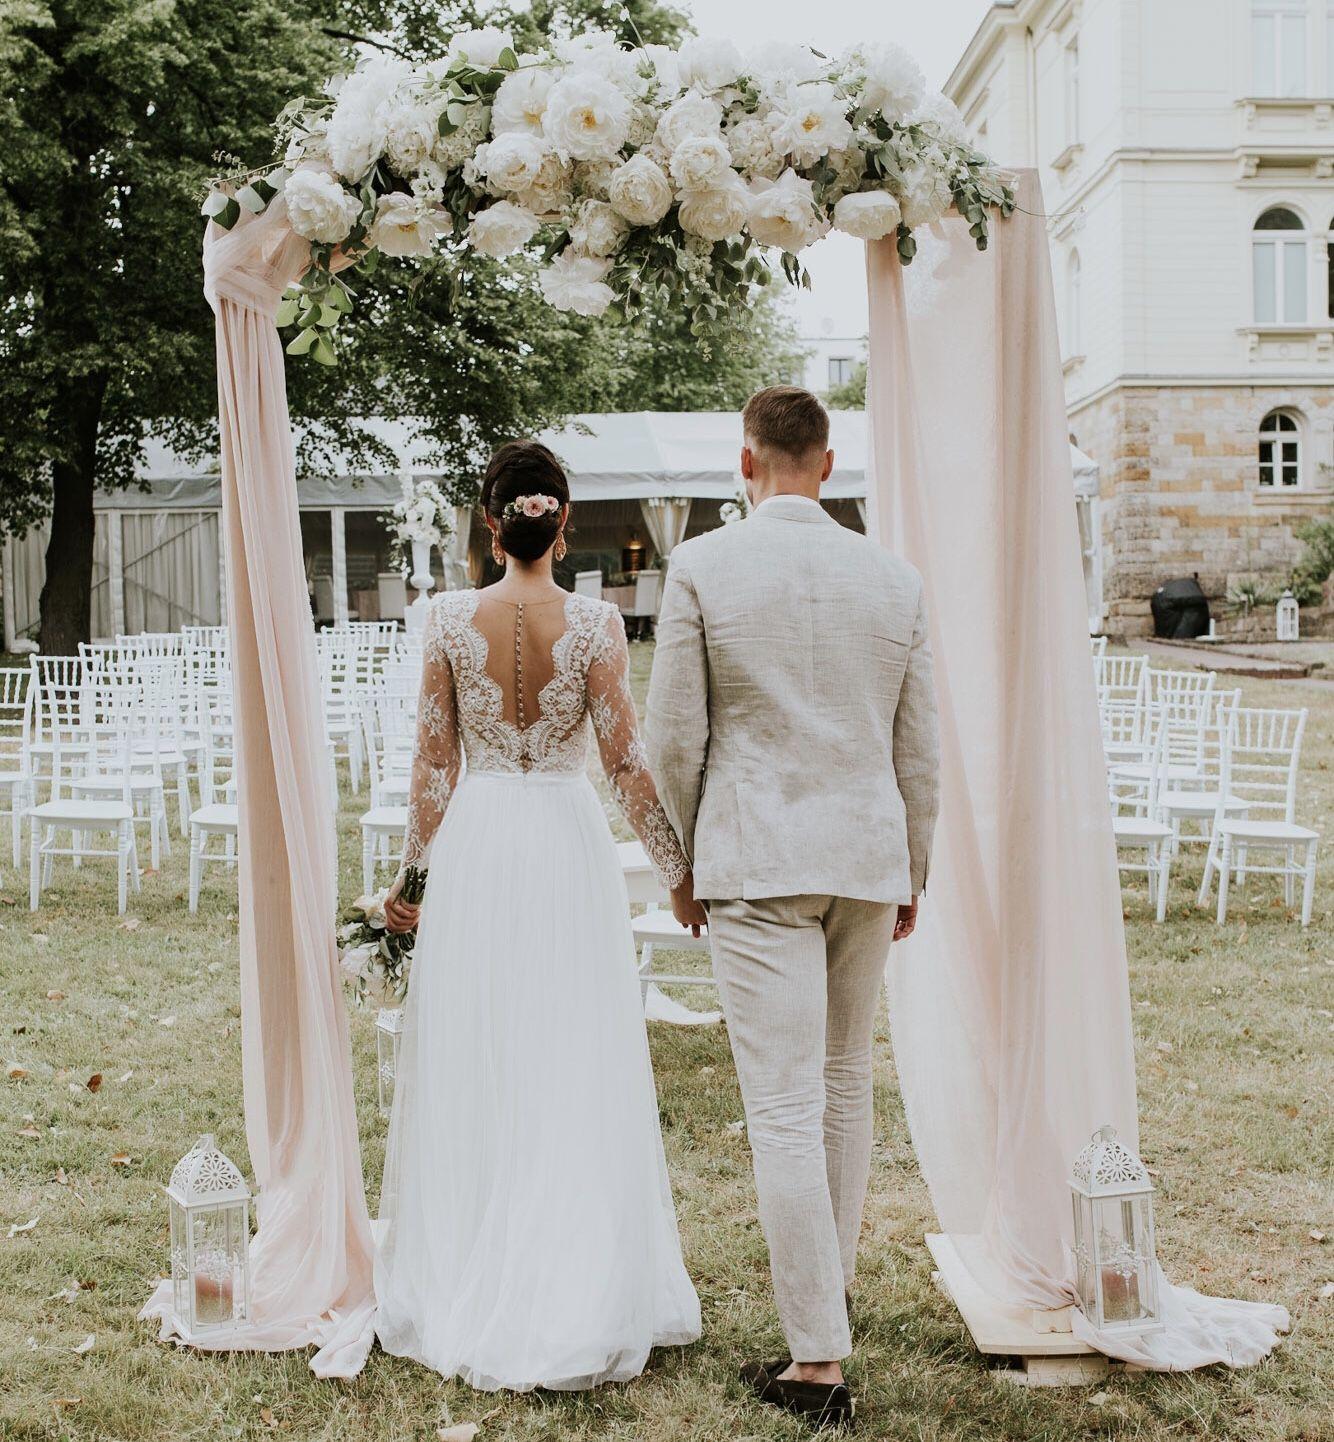 Wedding traubogen blumenbogen hochzeit freie trauung wedding blumenbogen freietrauung bride weddingdress bridaldress